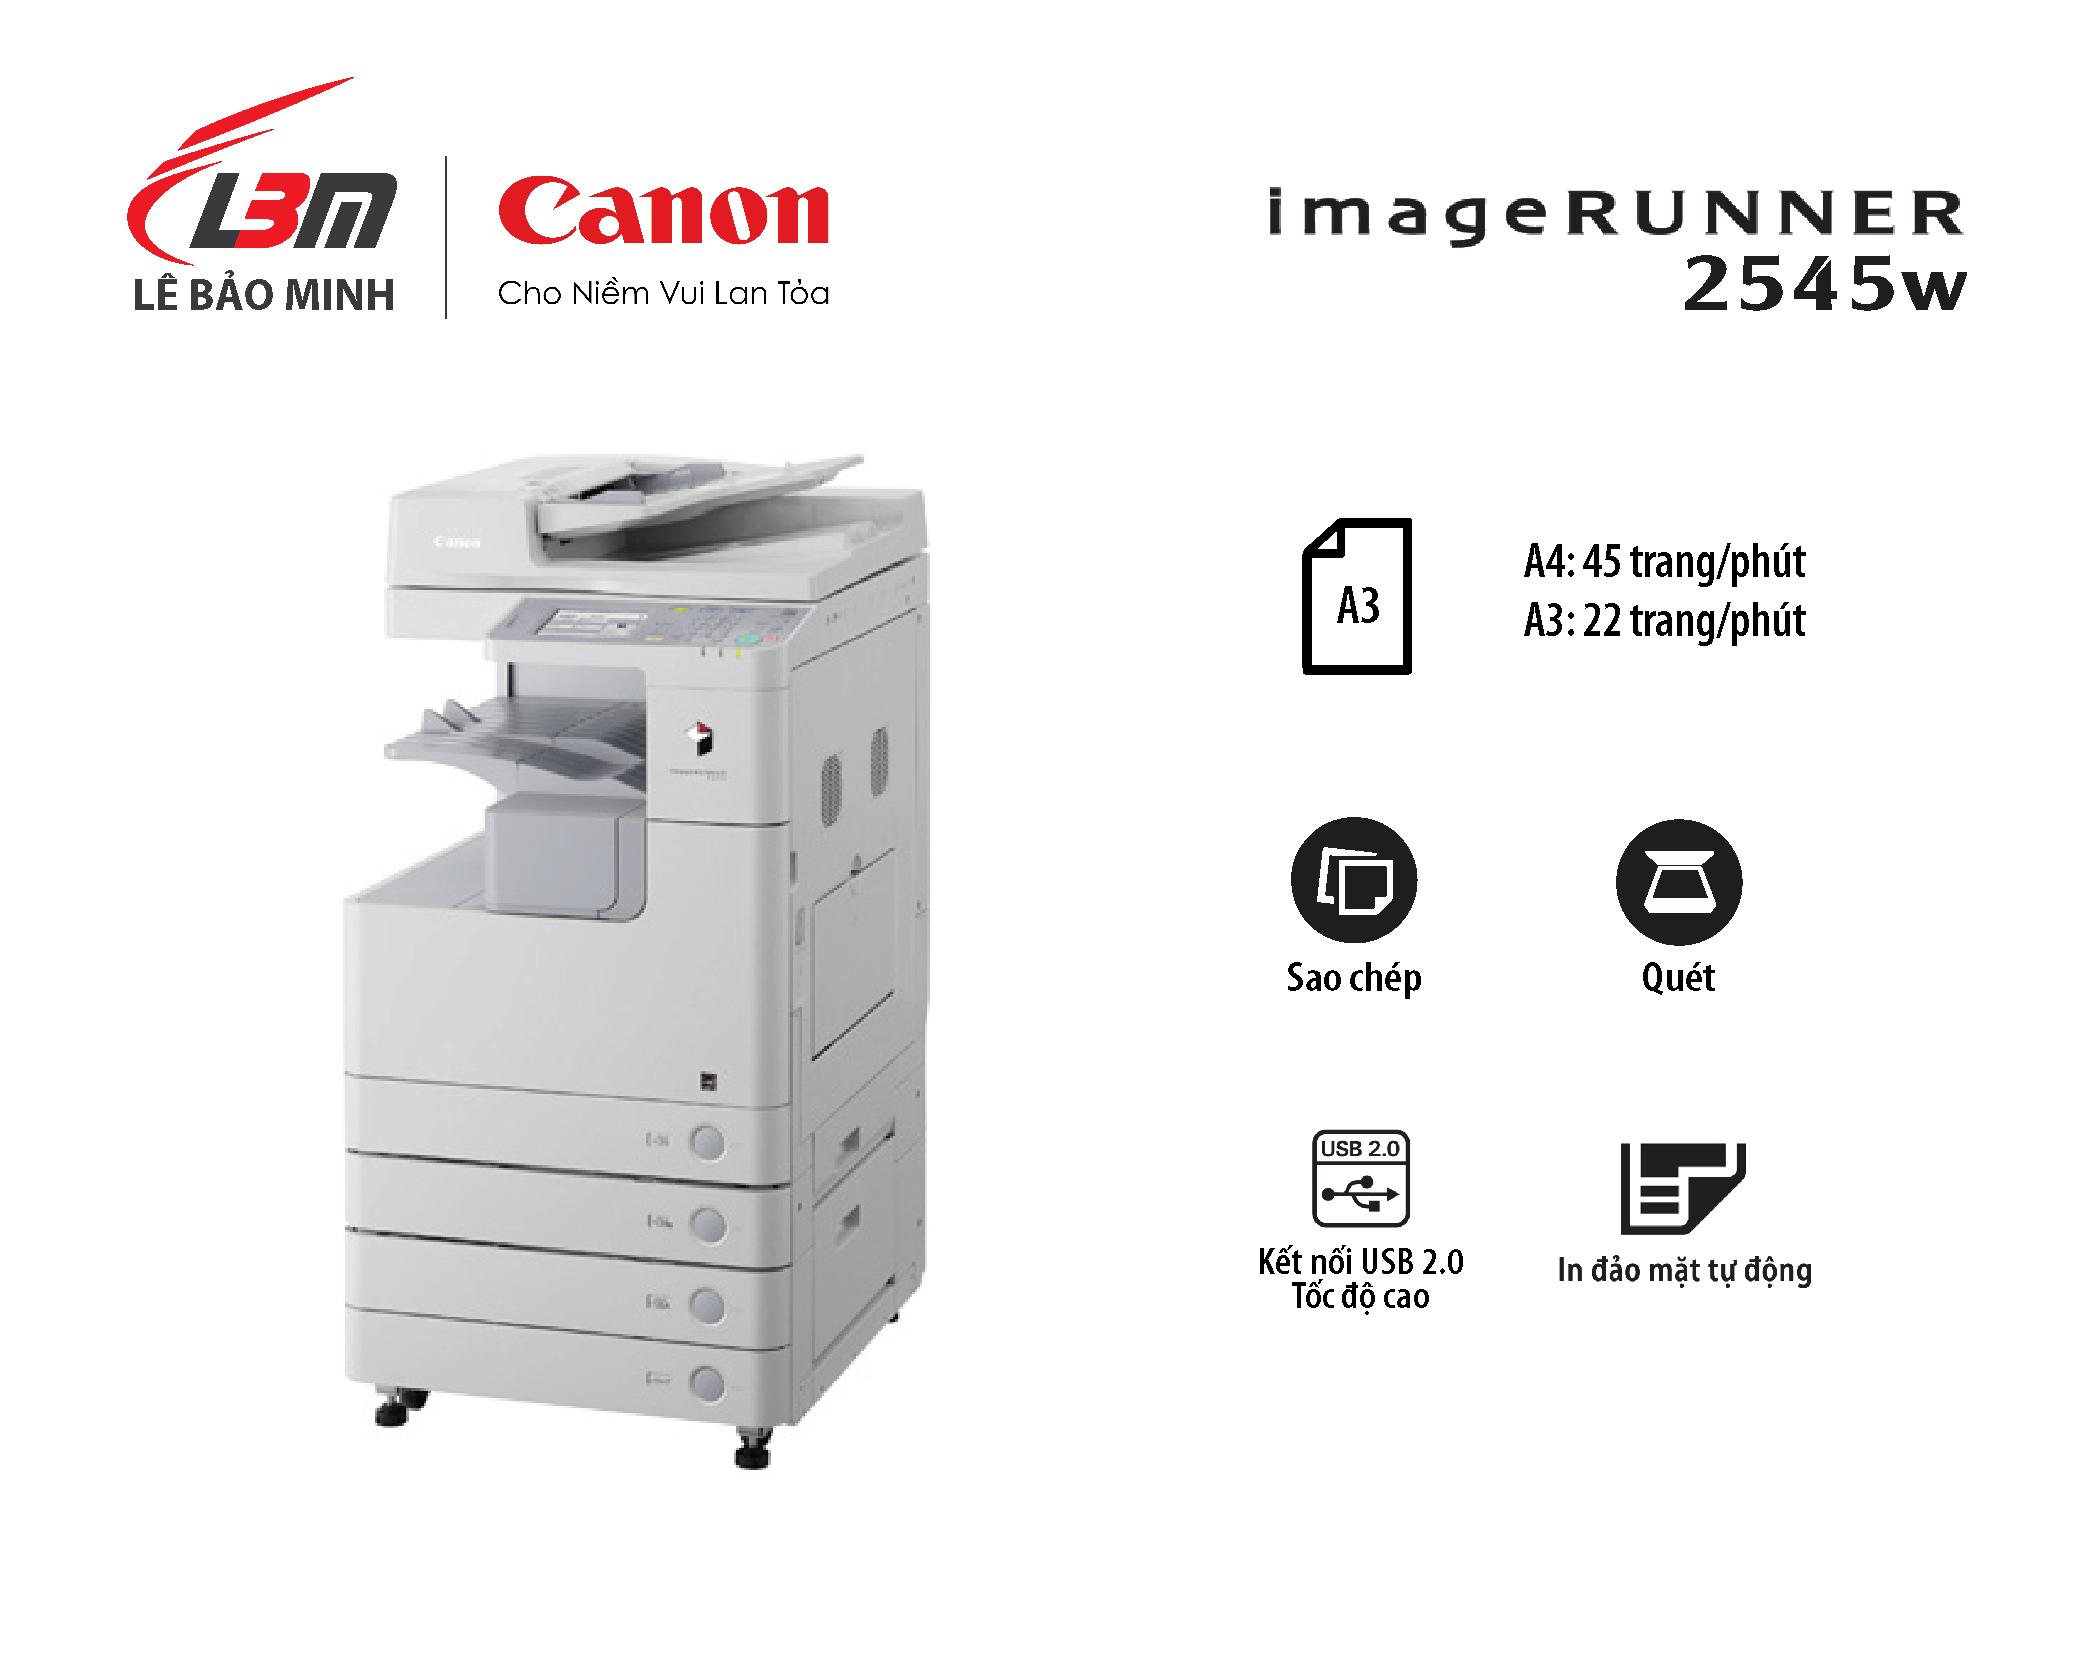 Photocopy iR 2545w